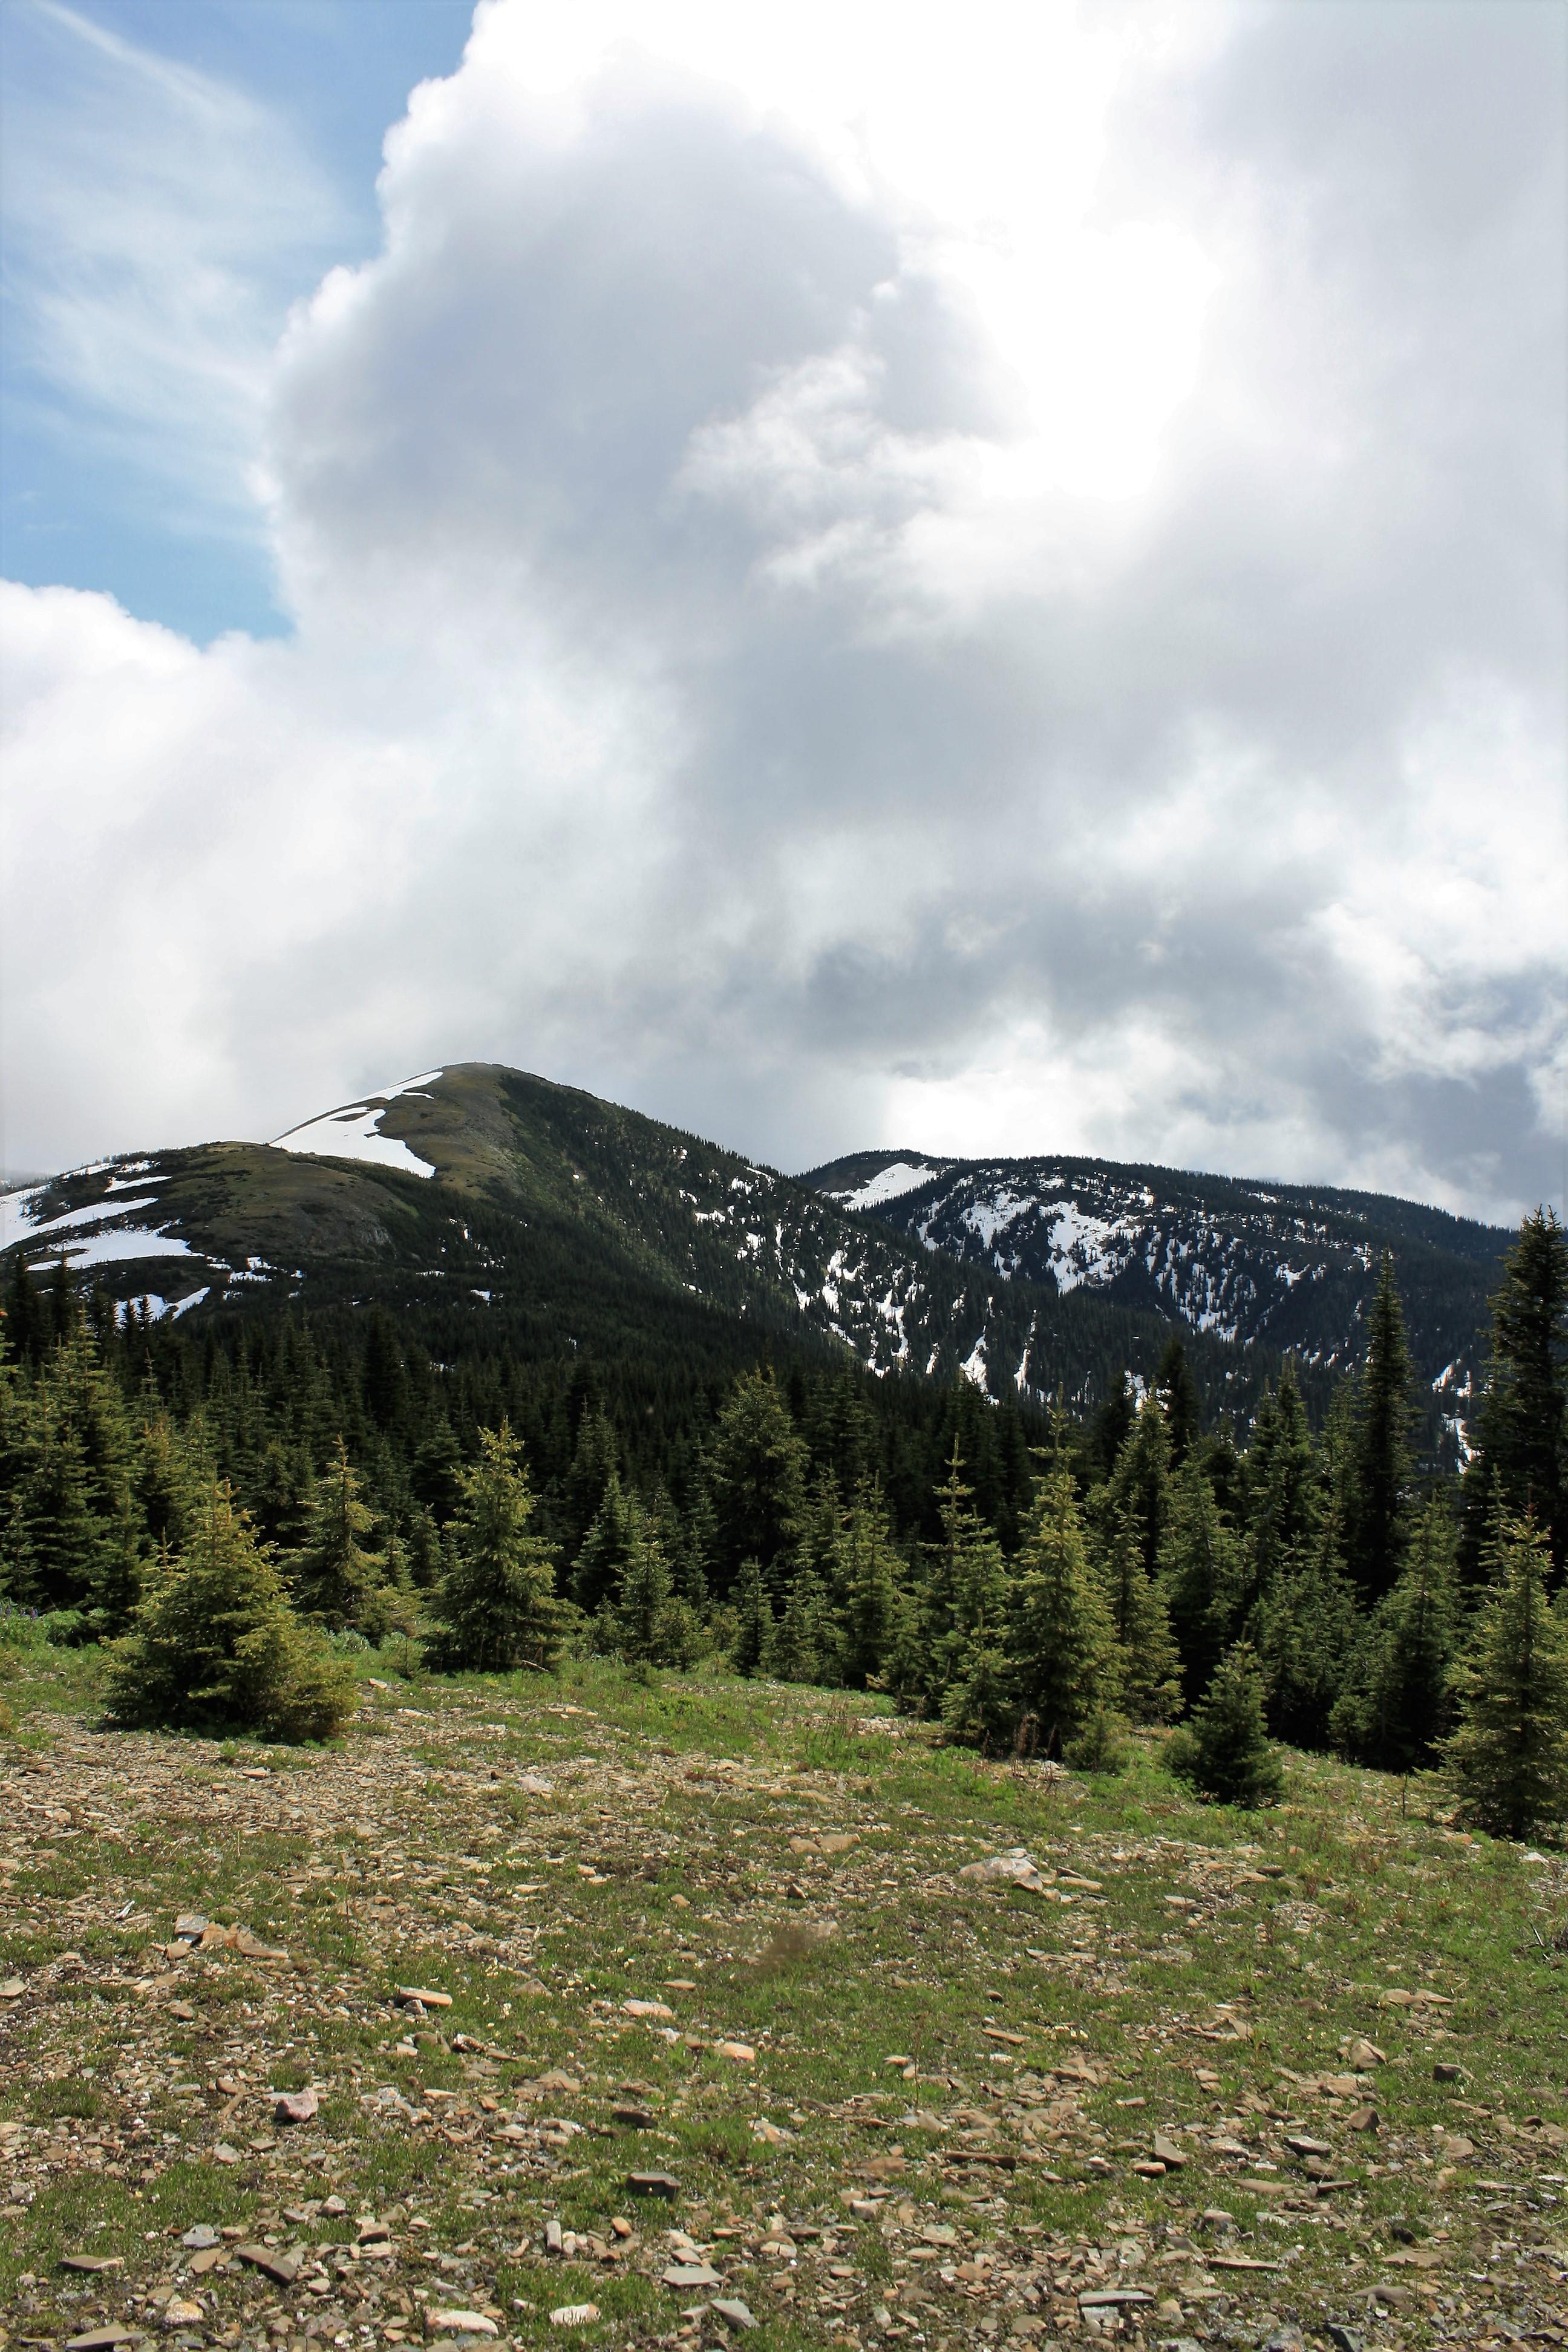 DM_nature_landscape_283